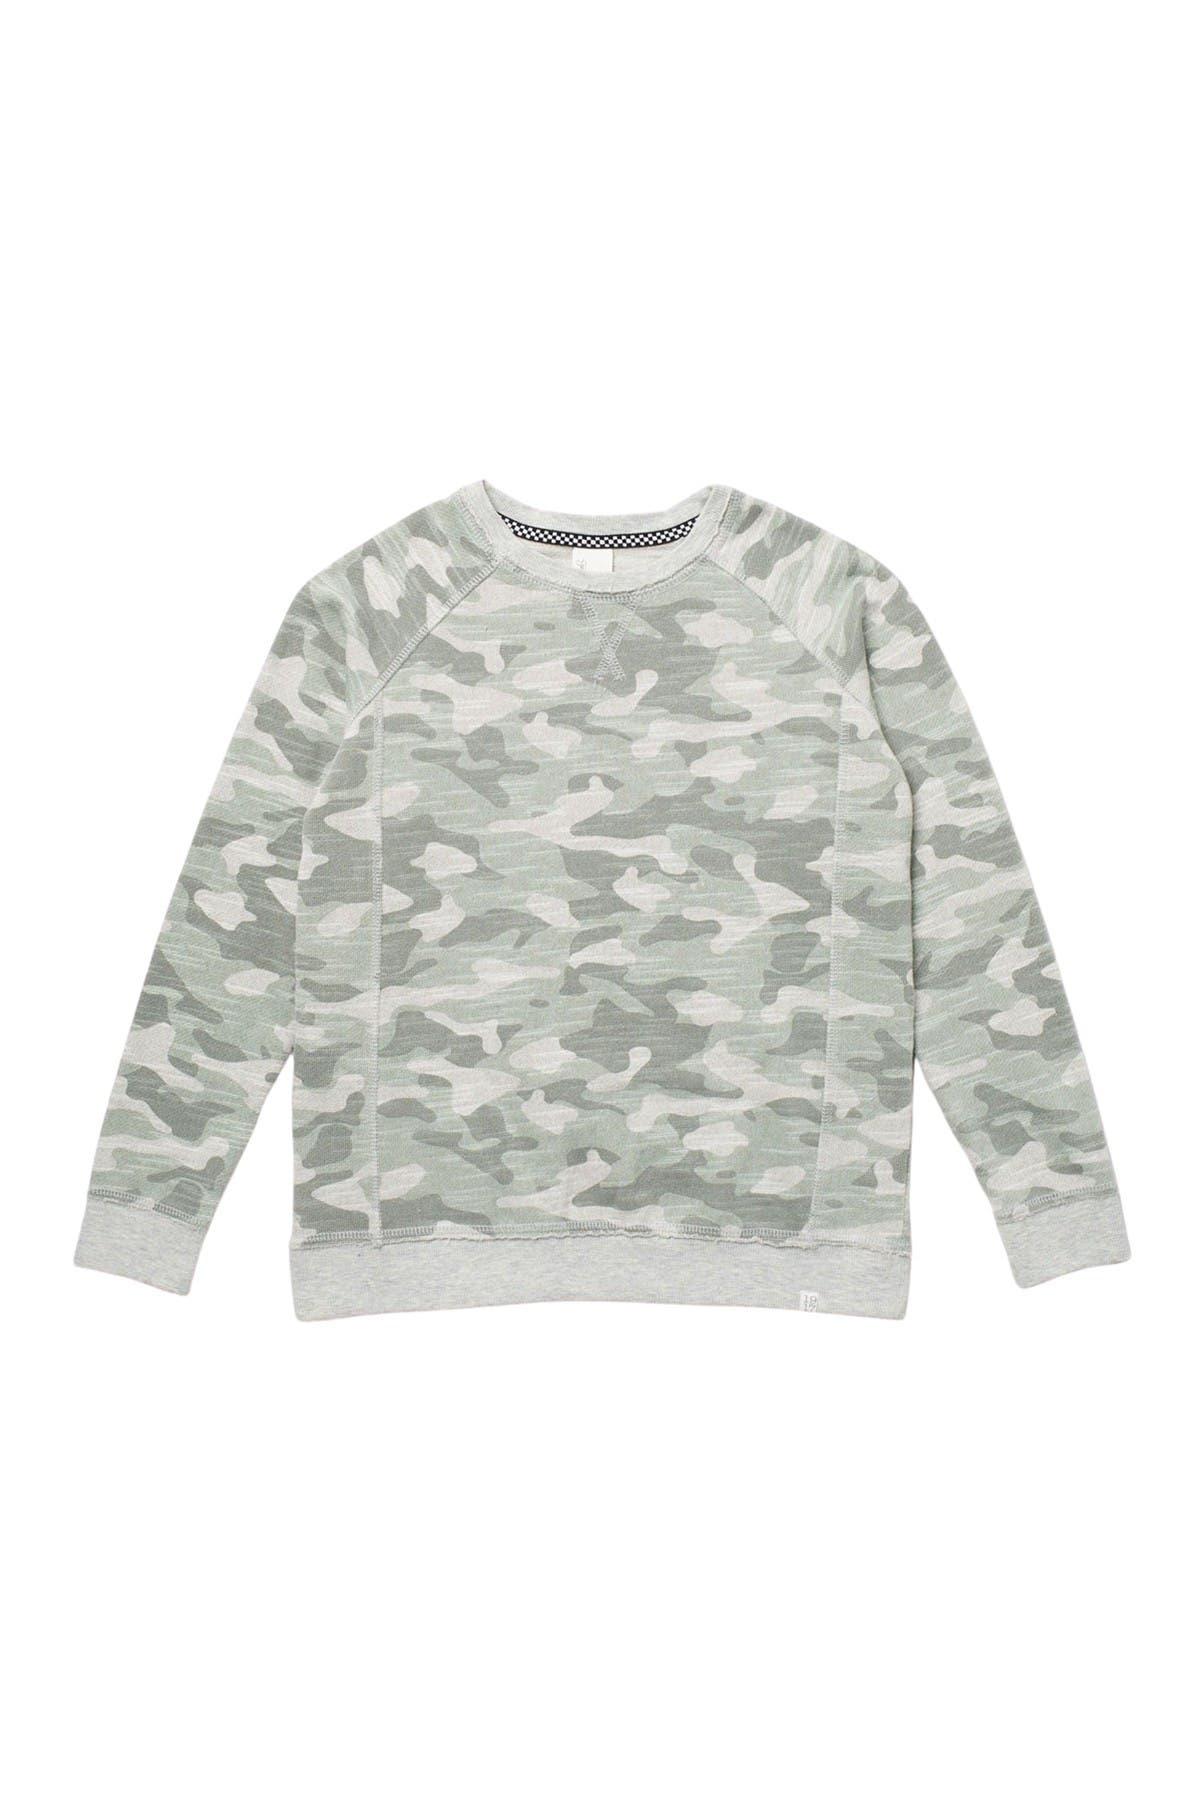 Image of Sovereign Code Kinsley Camo Crew Sweatshirt